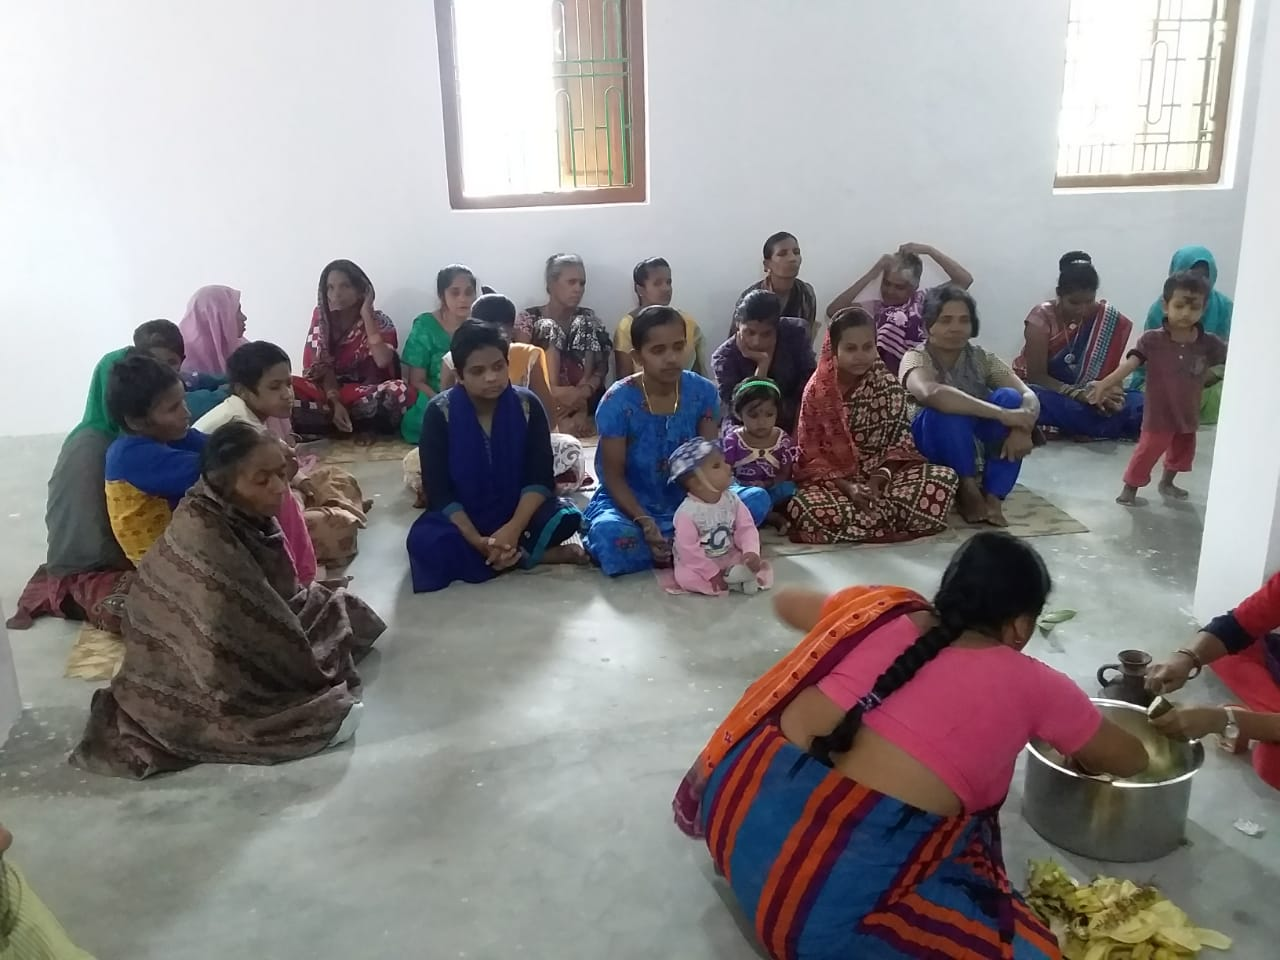 Nuevo edificio en centro de mujeres. Gopalpur on Sea